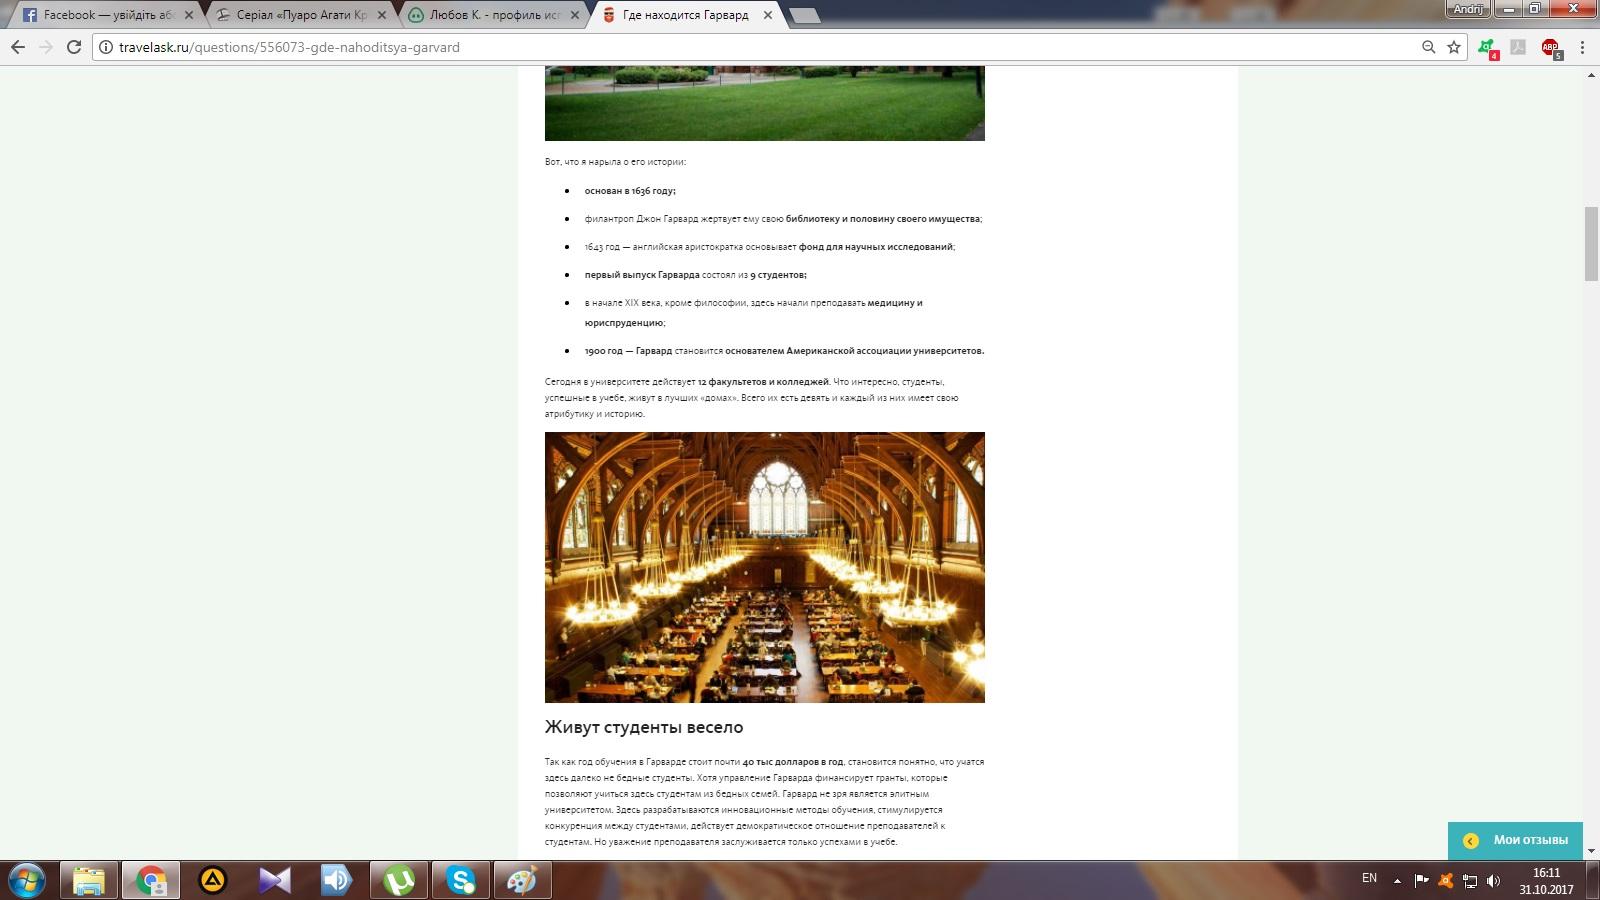 """Фото Стаття об'ємом в 2 тис. знаків, як відповідь на запитання """"Де знаходиться Гарвард""""? Час виконання - 1 година"""